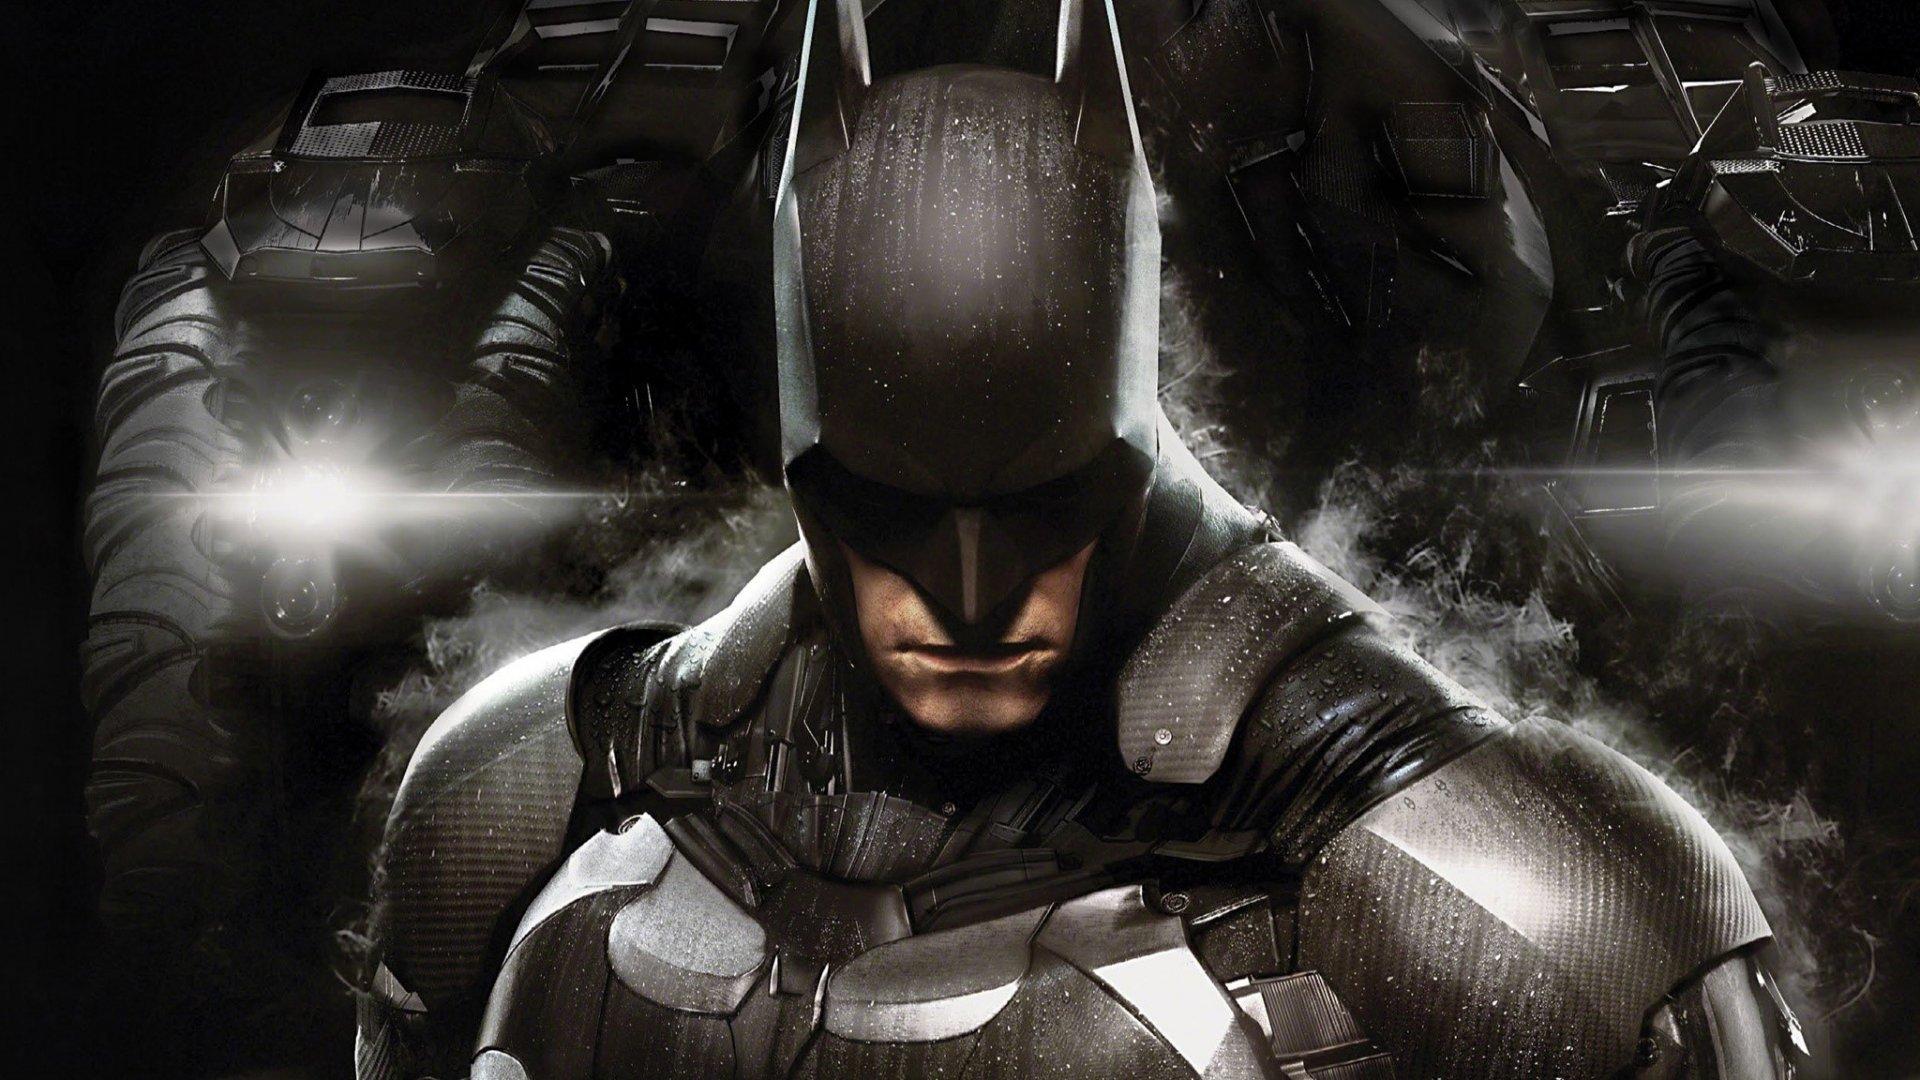 Batman Arkham Knight Wallpaper Id 114